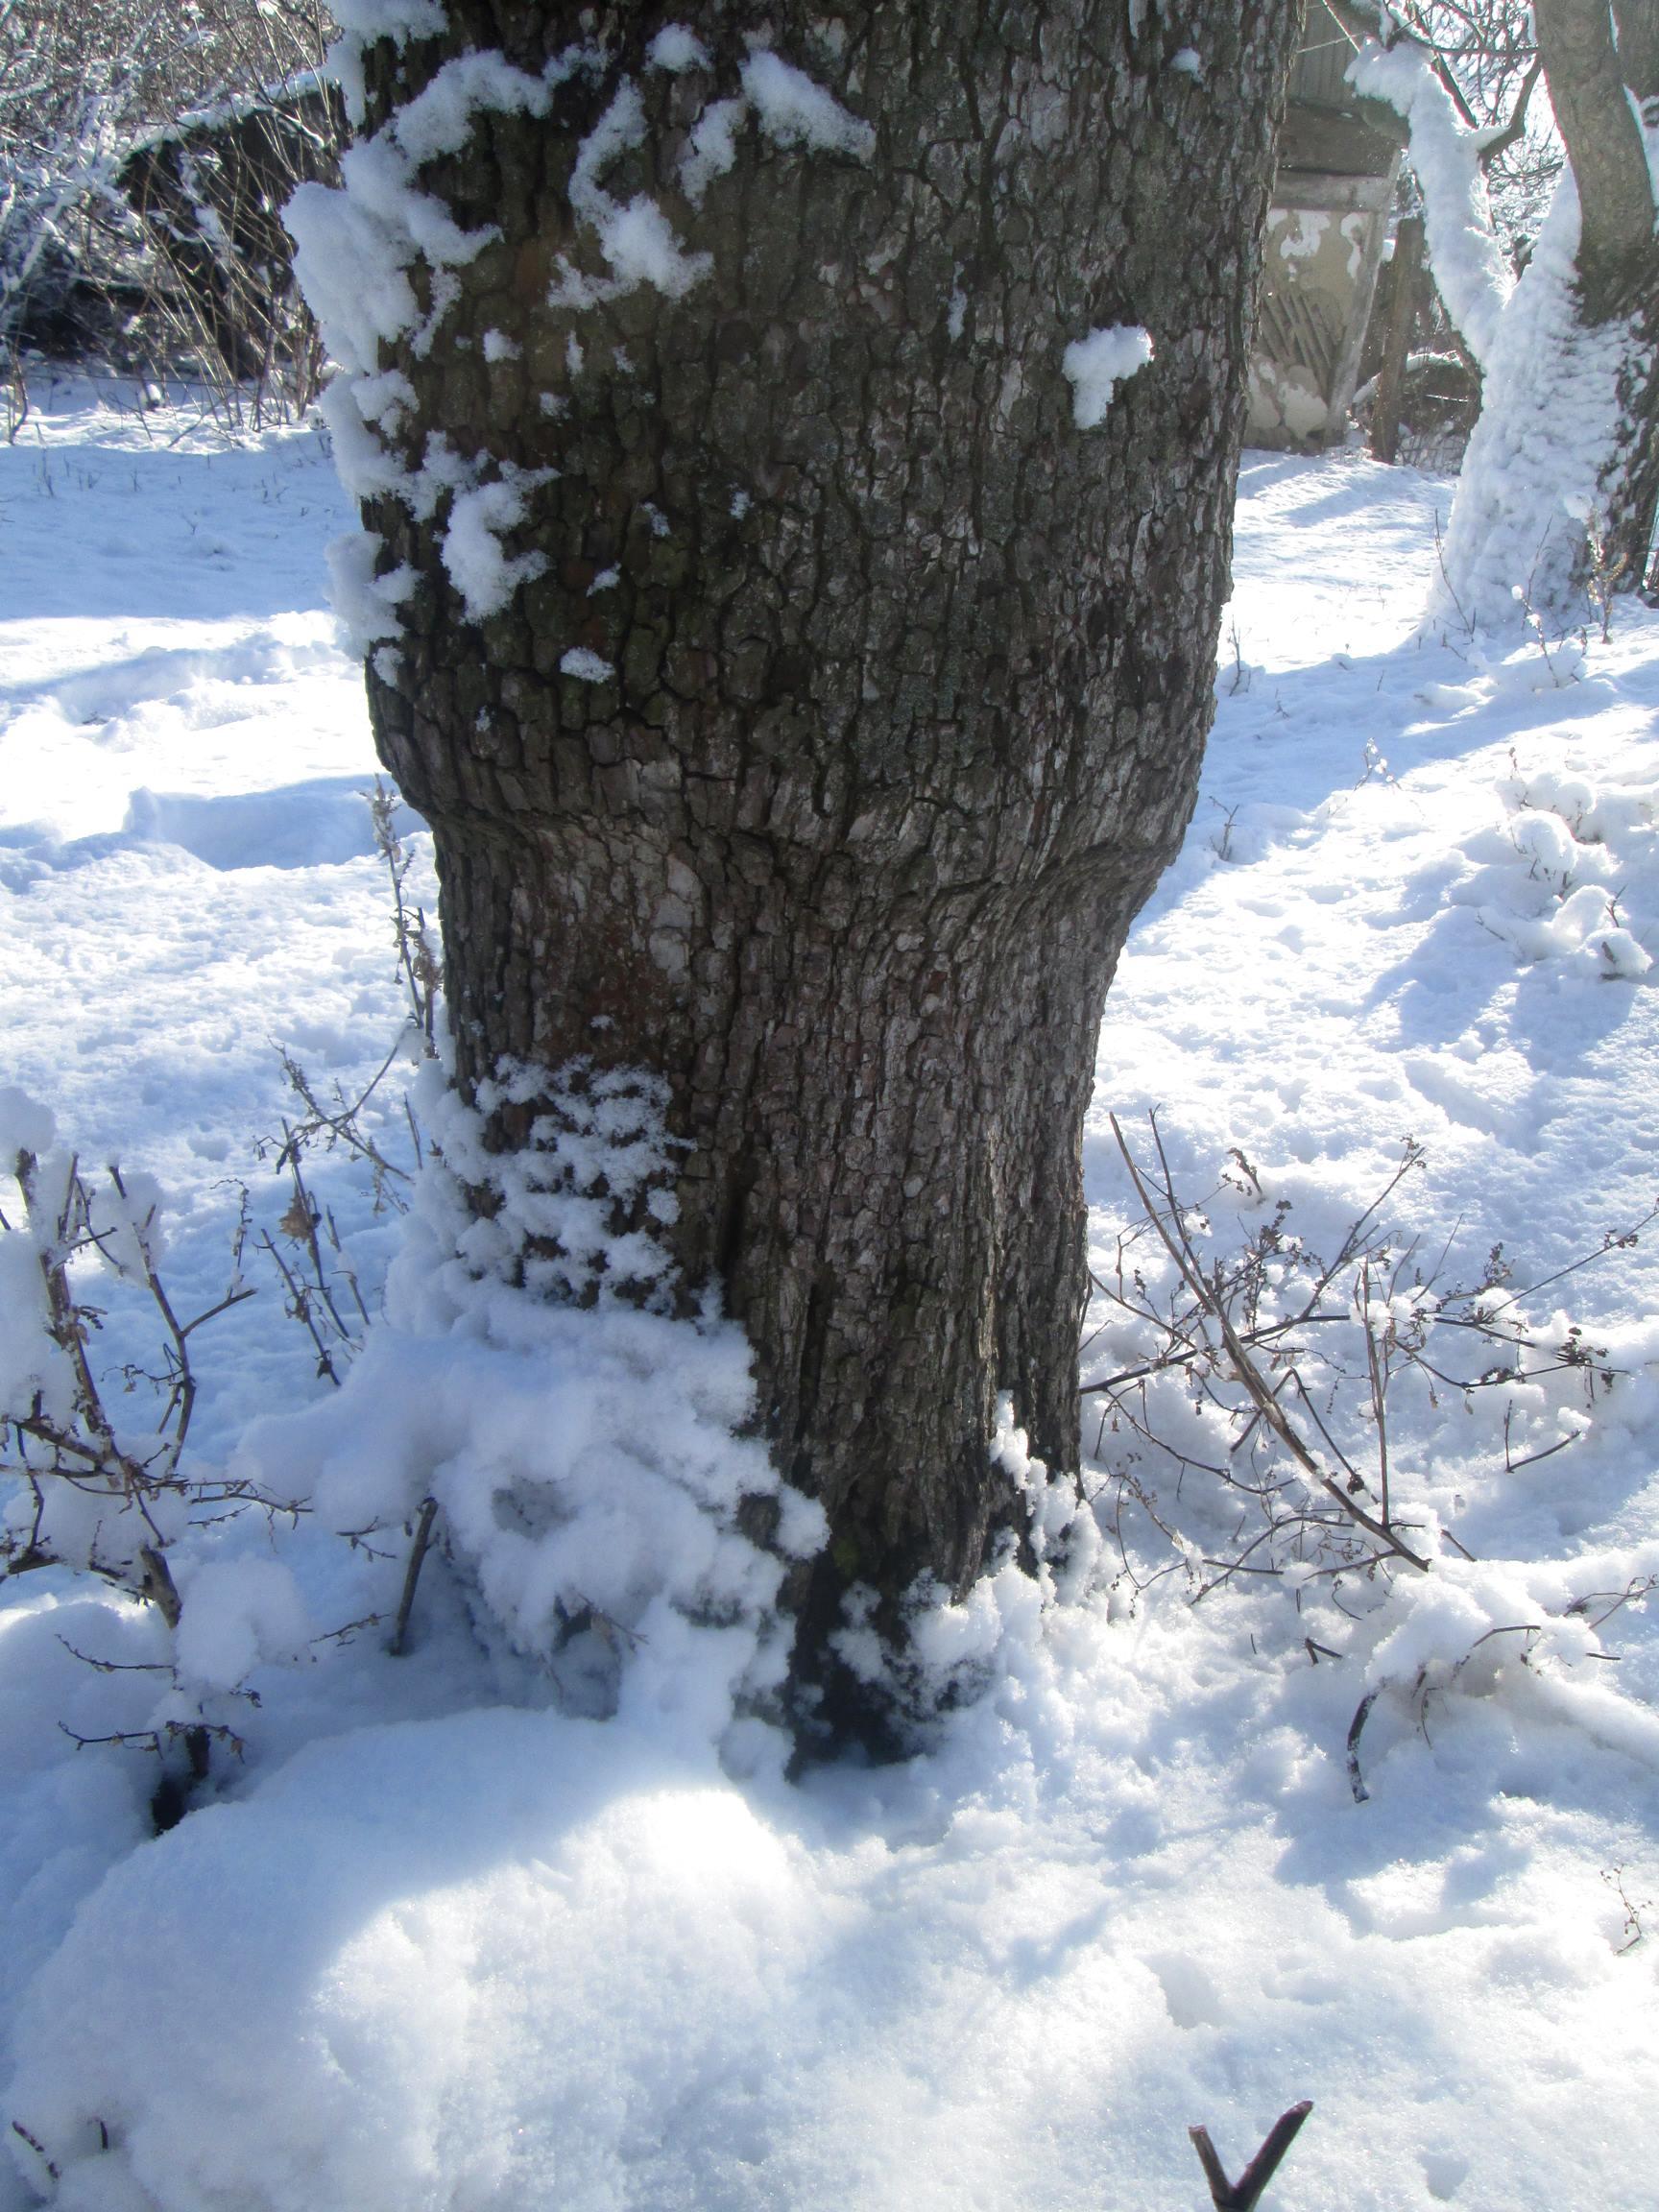 Winter trees photo 3